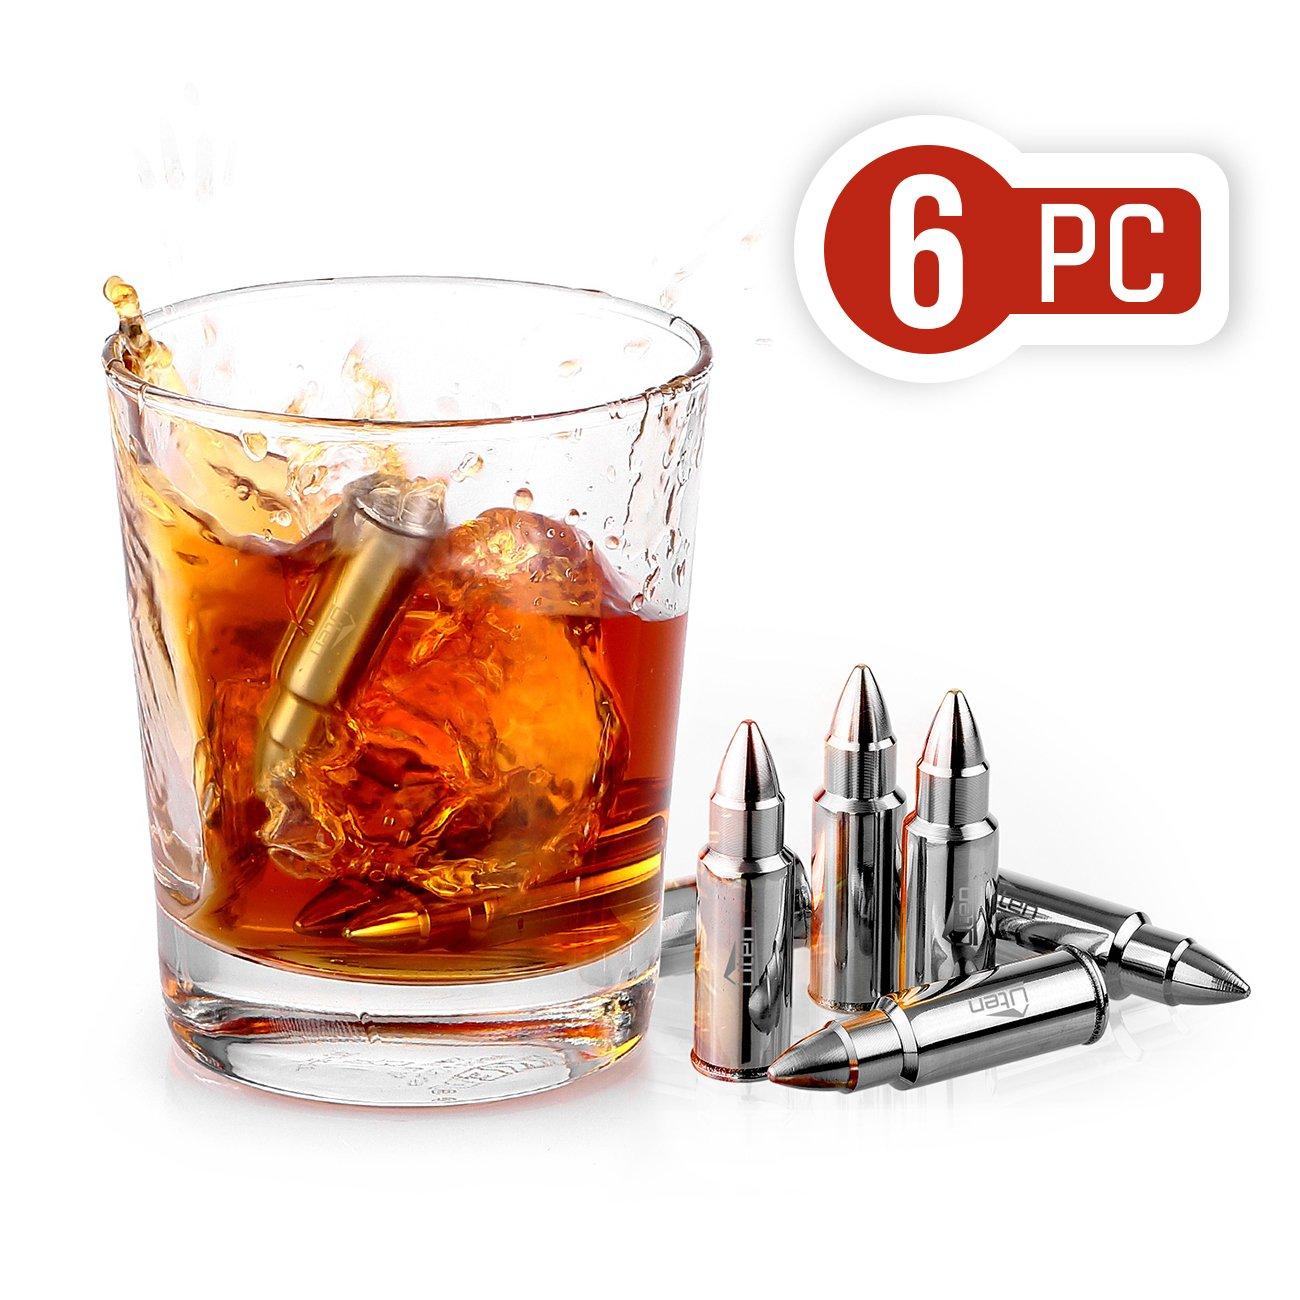 Uten Whisky Steine (6 Stü ck) aus Edelstahl wiederverwendbare Eiswü rfel Kü hlsteine